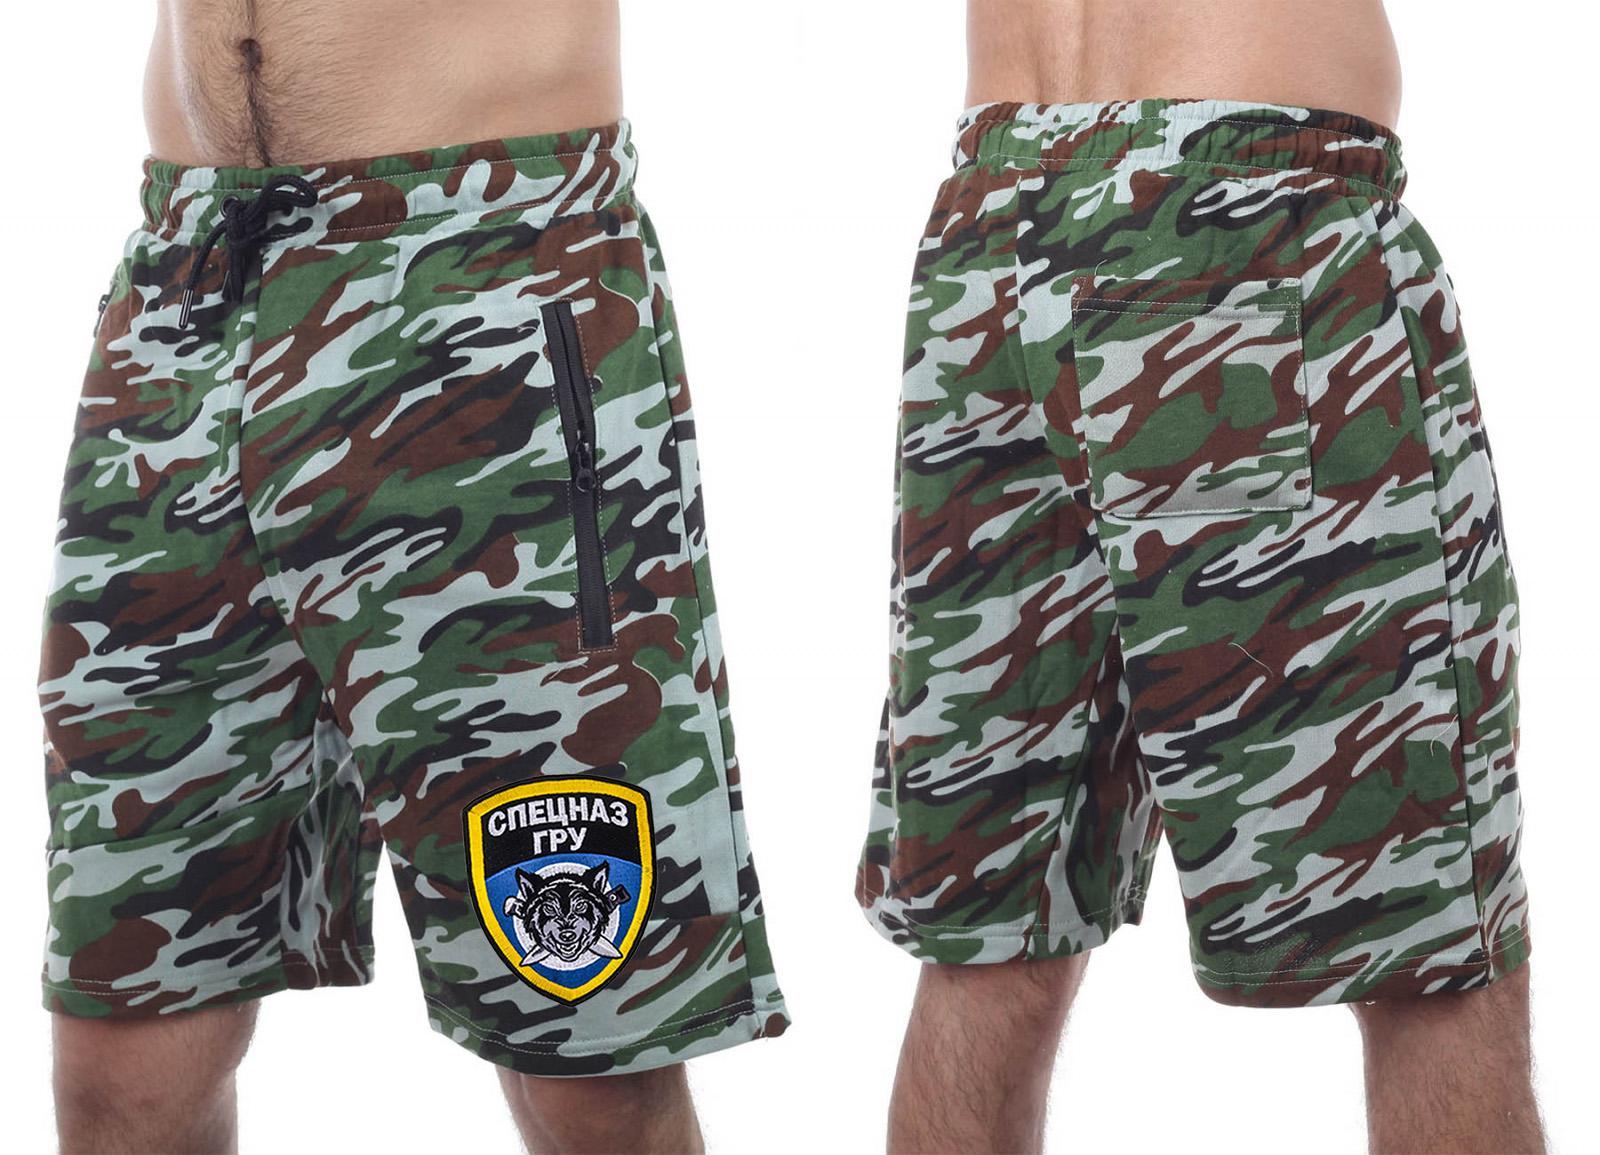 Уставные милитари шорты Спецназа ГРУ